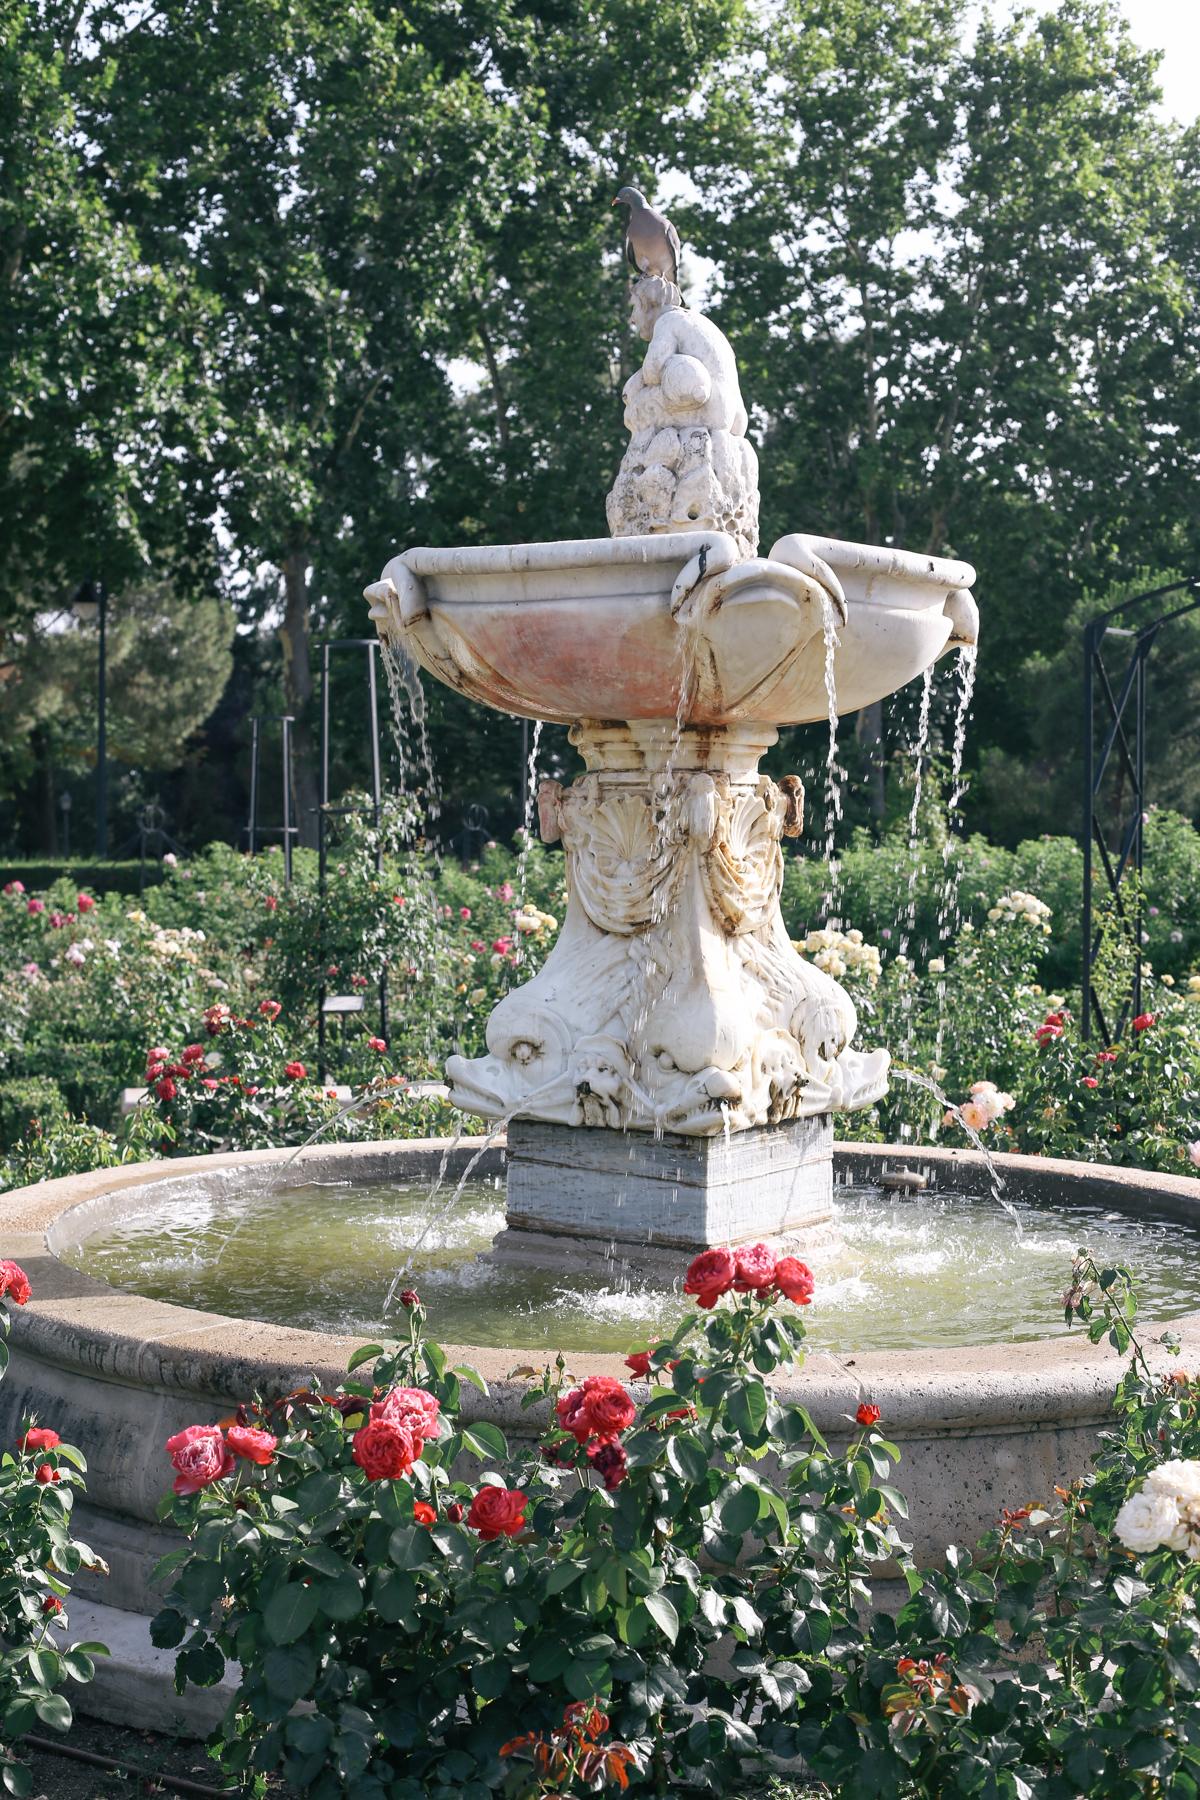 roselada madrid retiro park (2 of 5)